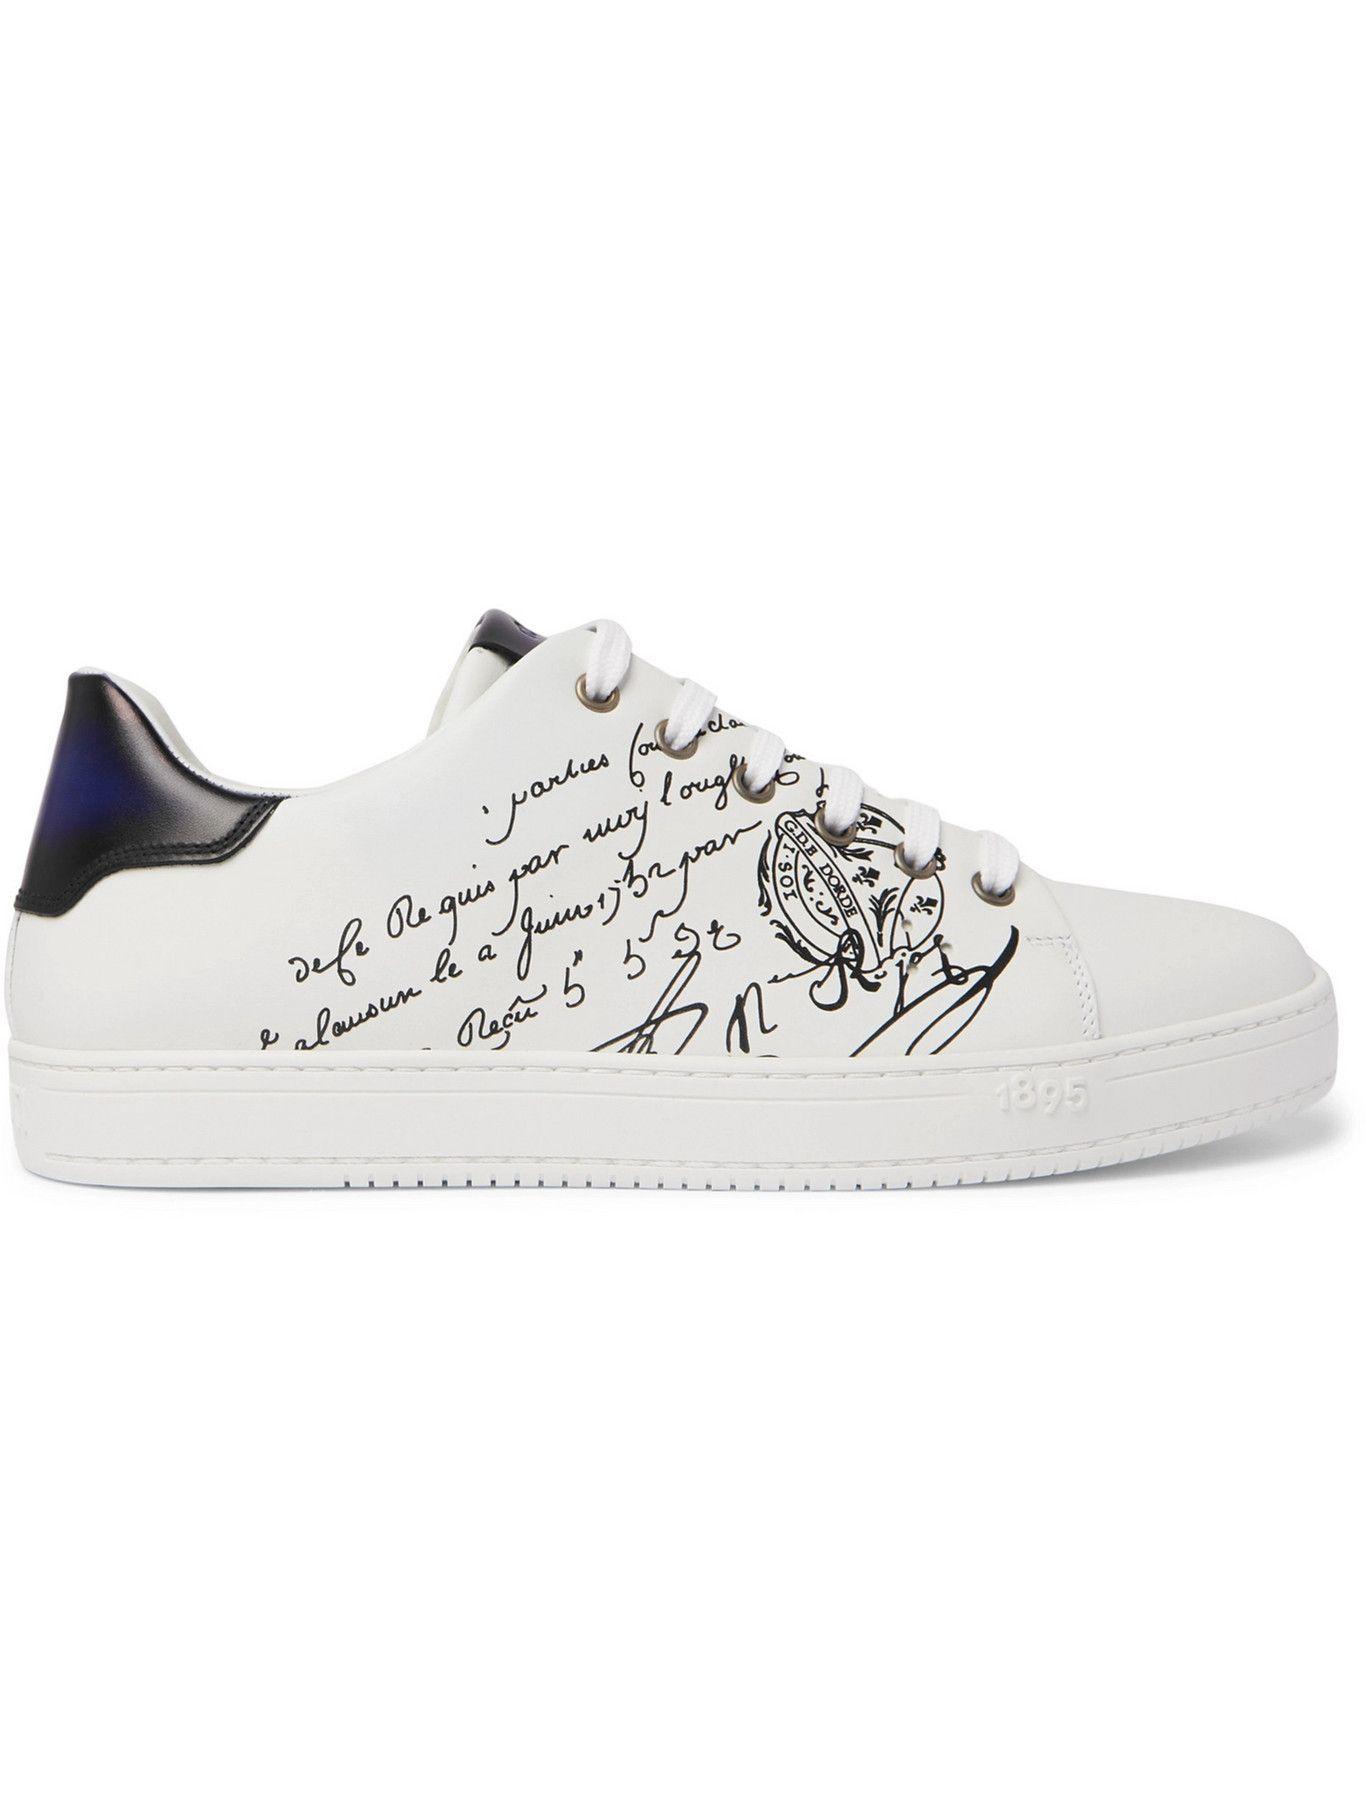 Photo: Berluti - Playtime Scritto Venezia Leather Sneakers - White